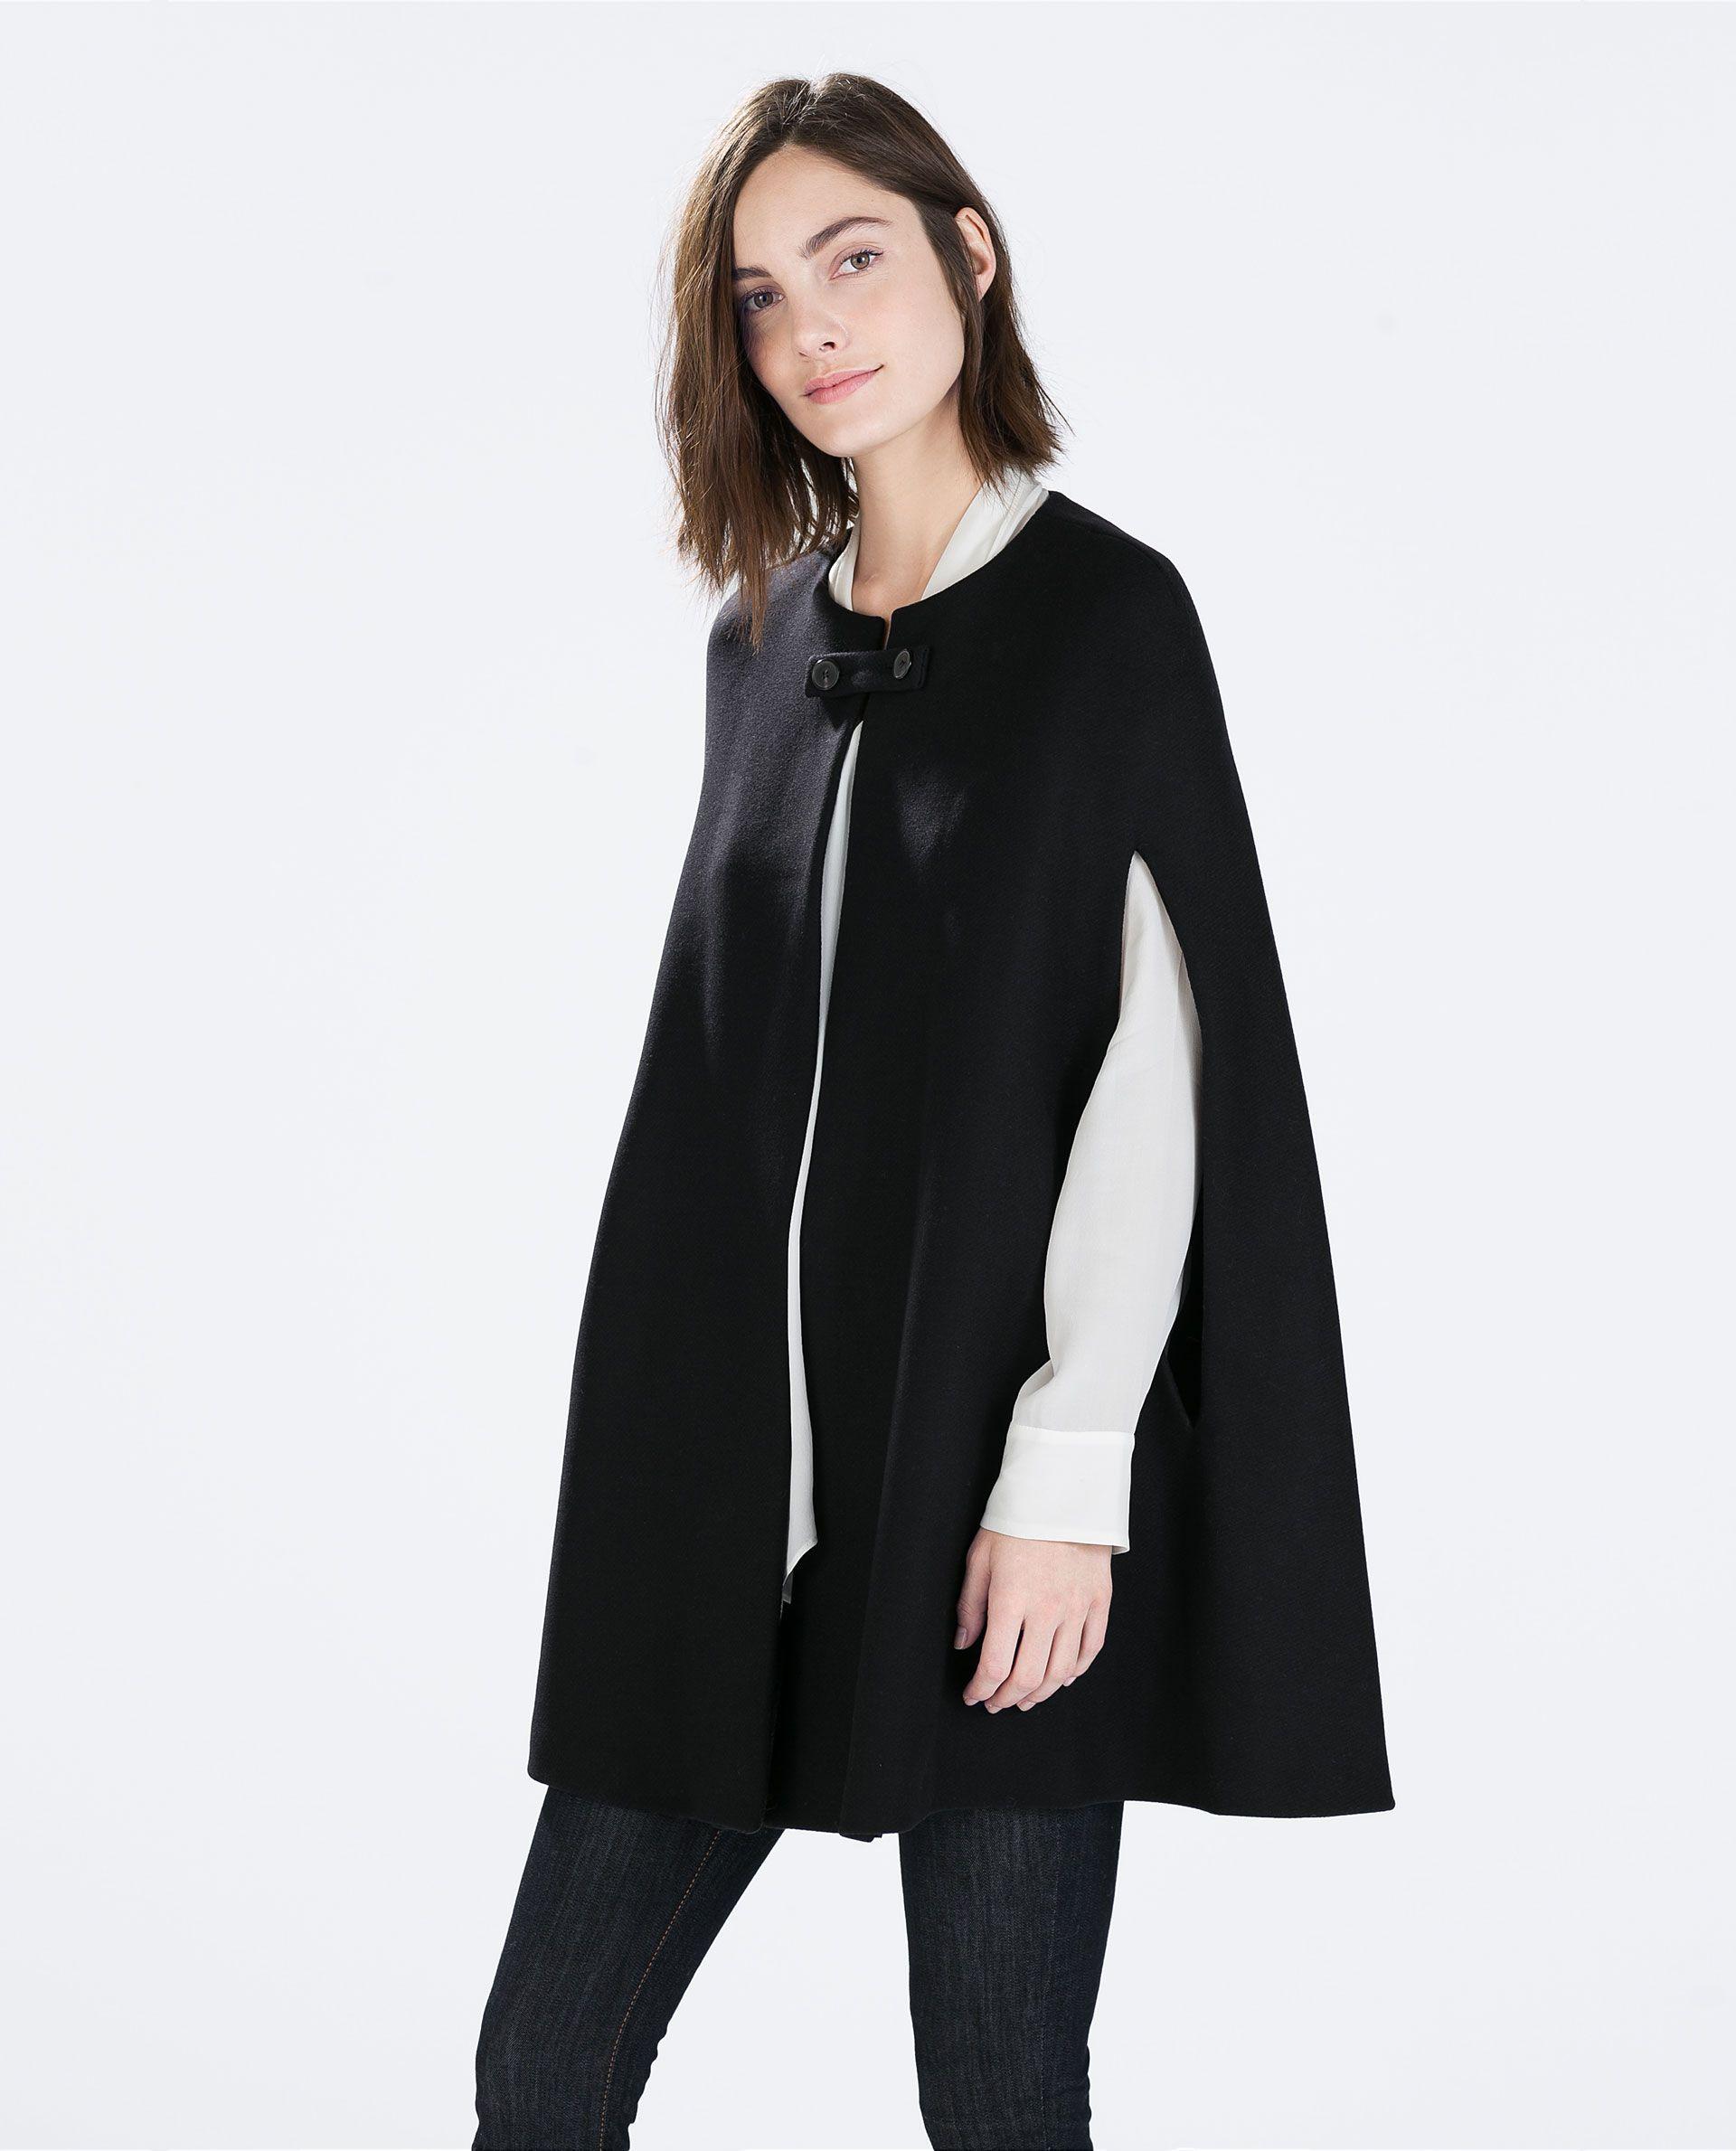 zara femme manteau cape boutons une envie de shopping pinterest manteau cape zara. Black Bedroom Furniture Sets. Home Design Ideas